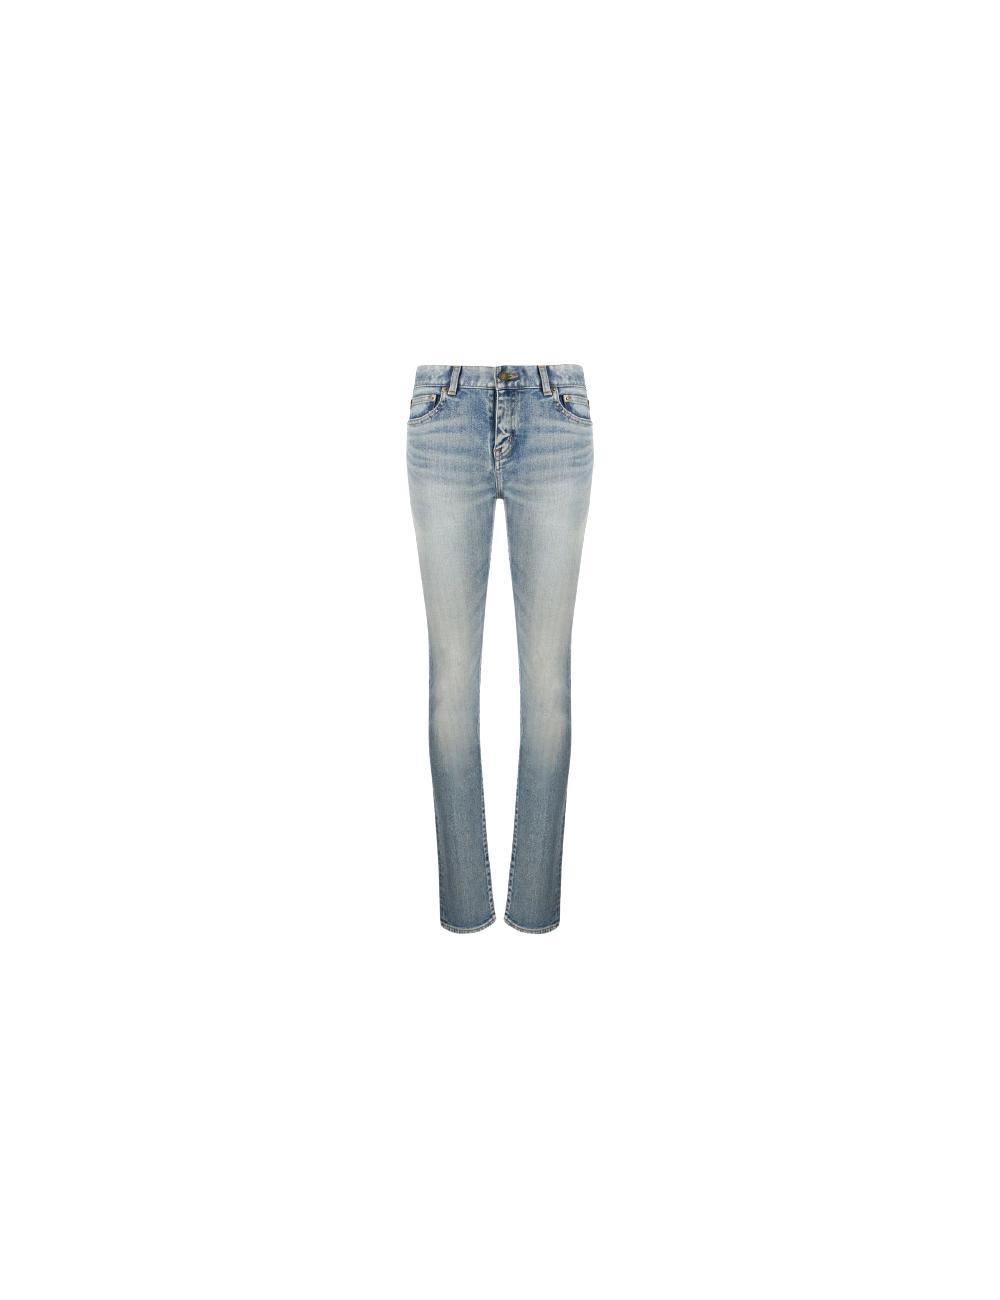 Slim jeans Saint Laurent - BIG BOSS MEGEVE